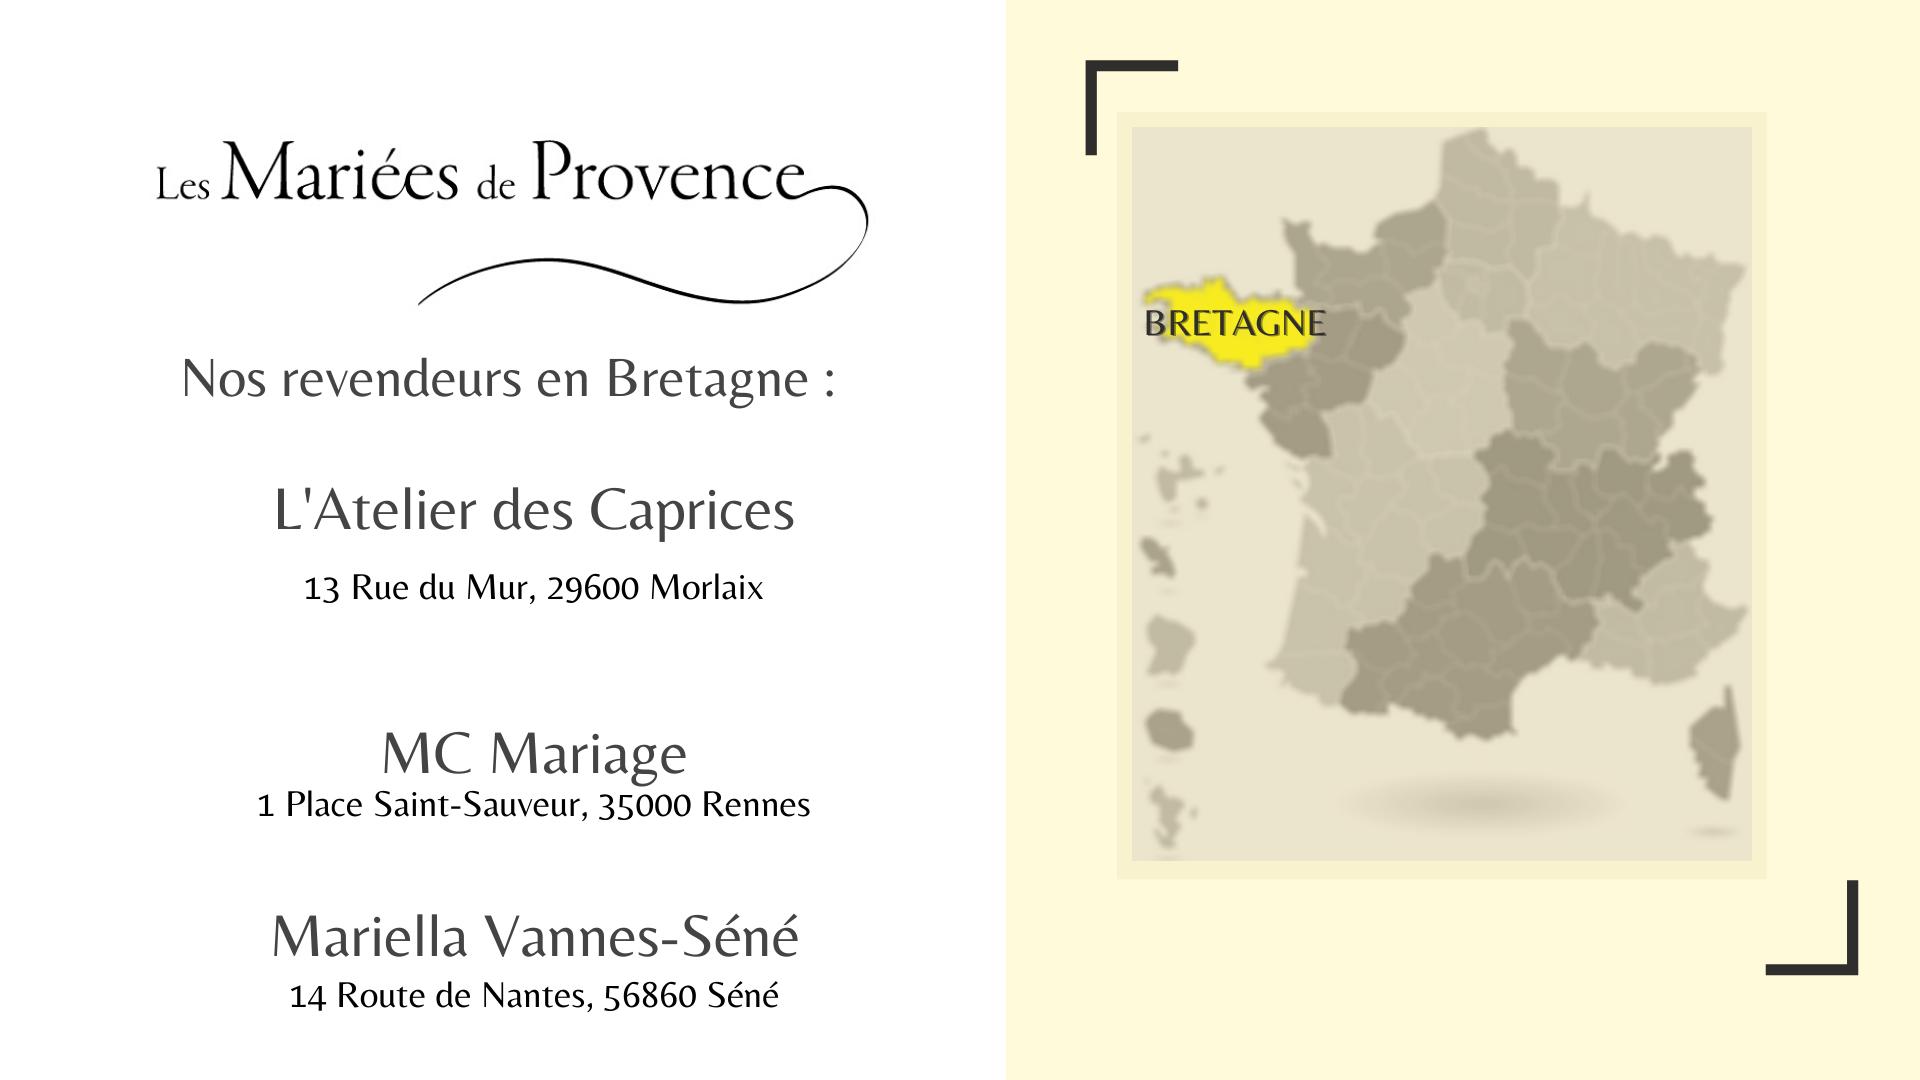 La collection Mariées de Provence en Bretagne